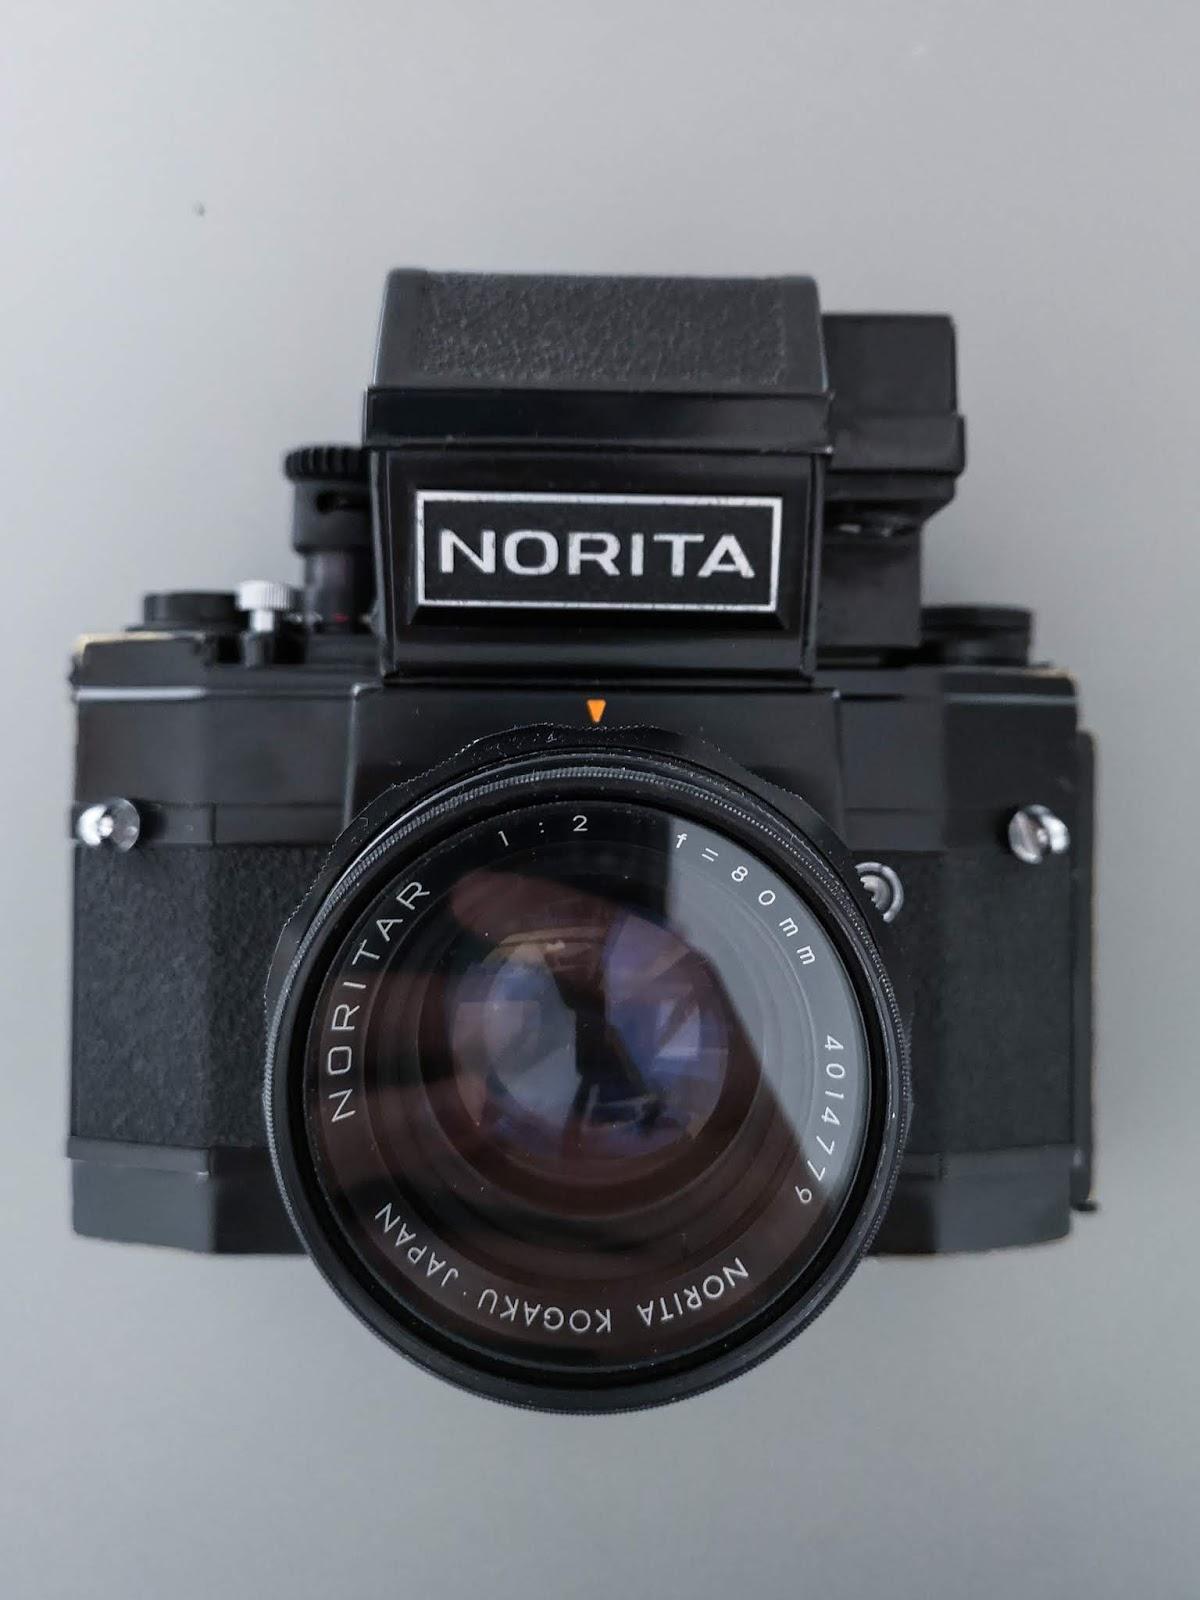 NORITA 66 A HIDDEN GEM